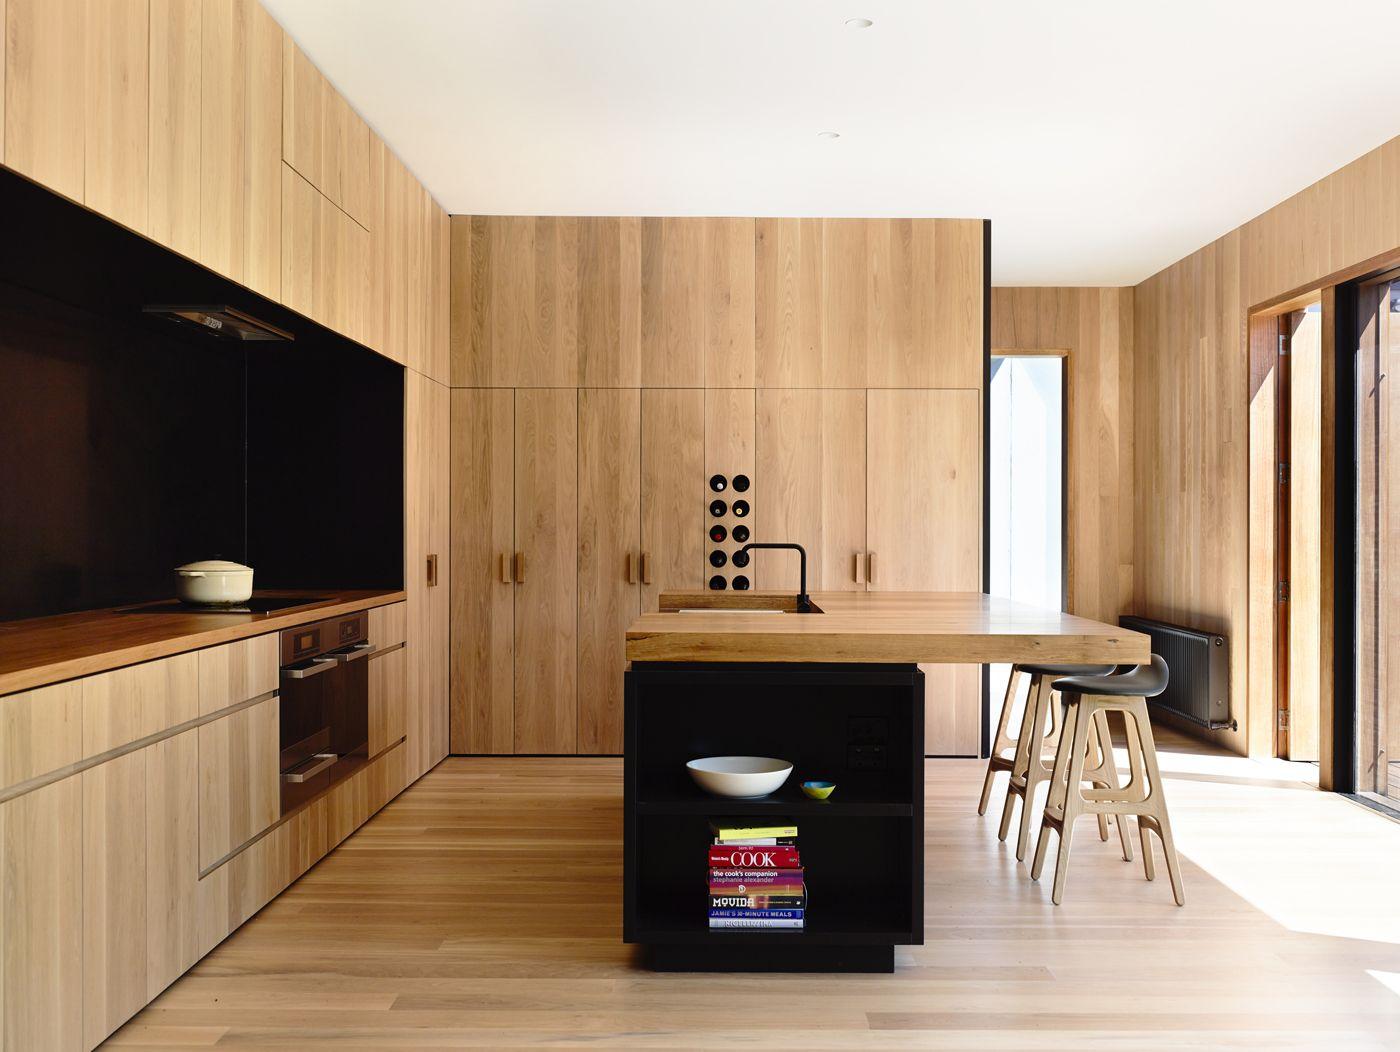 East West House Kitchen Interior Home Kitchens Kitchen Design